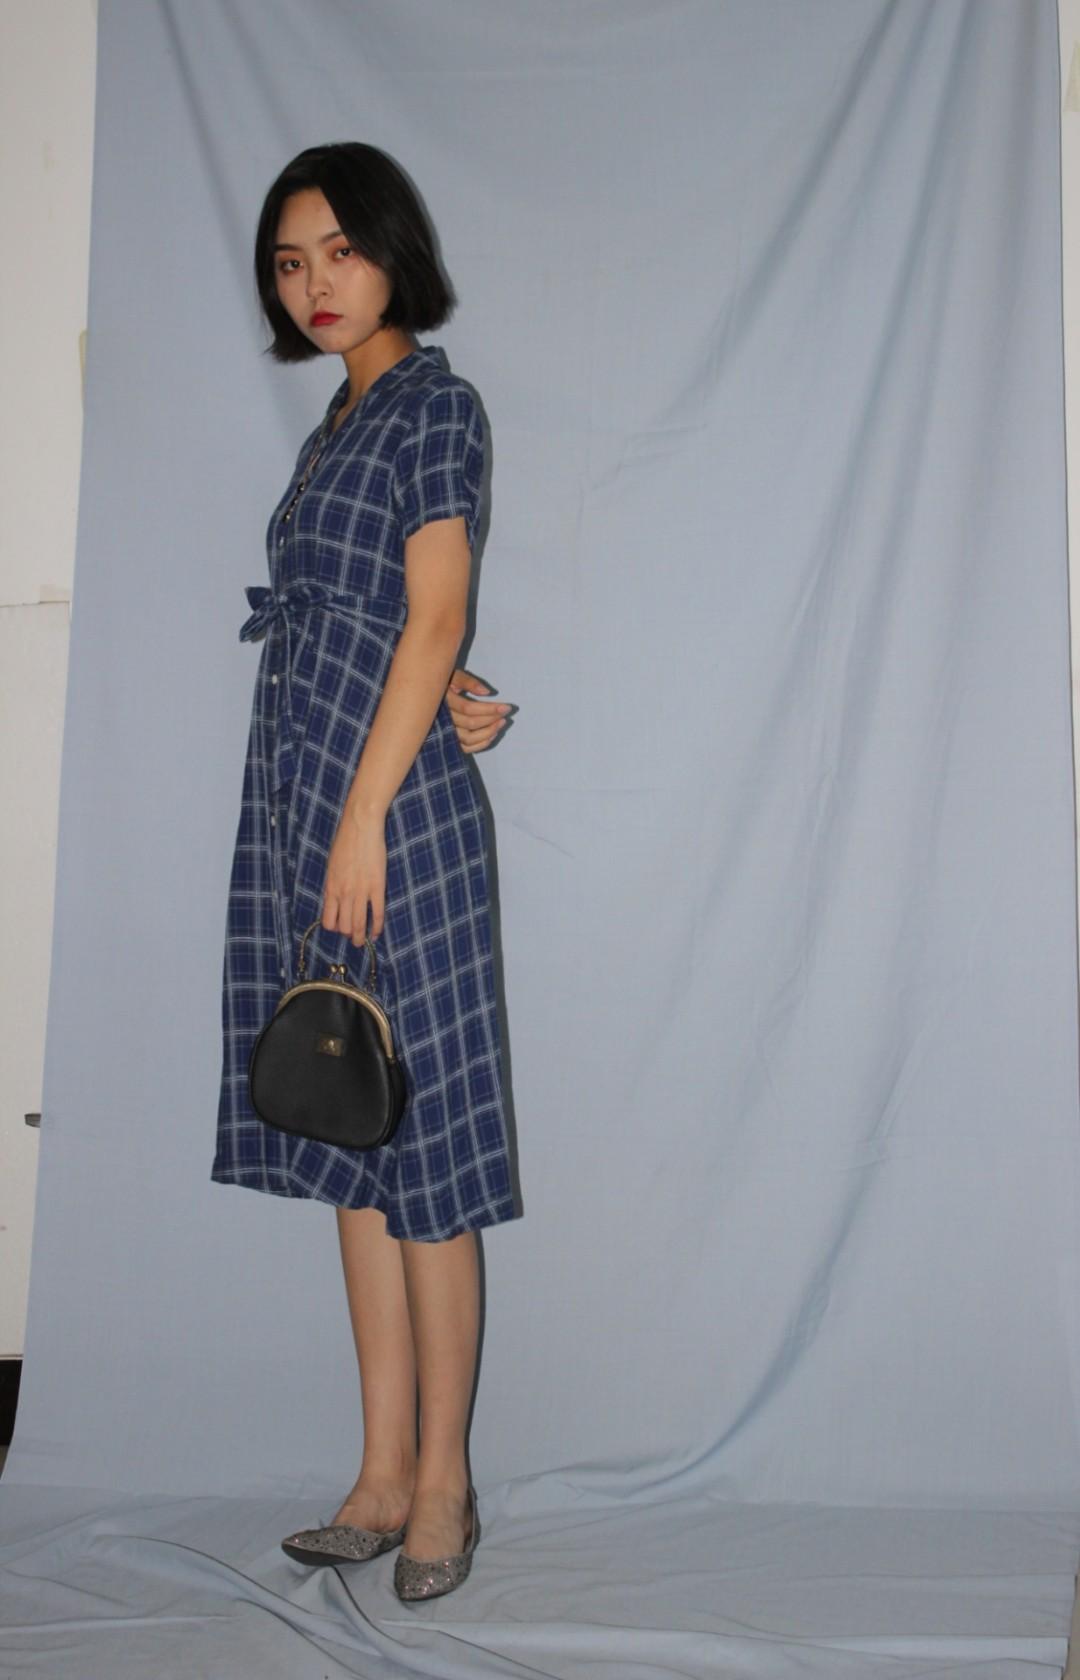 #小个子女生,这款裙子更适合你# 显瘦的裙子就是要长一点才行要能显腰线才行 搭配镶钻平底鞋非常日常舒适哦~ 复古包包也是很搭的呢